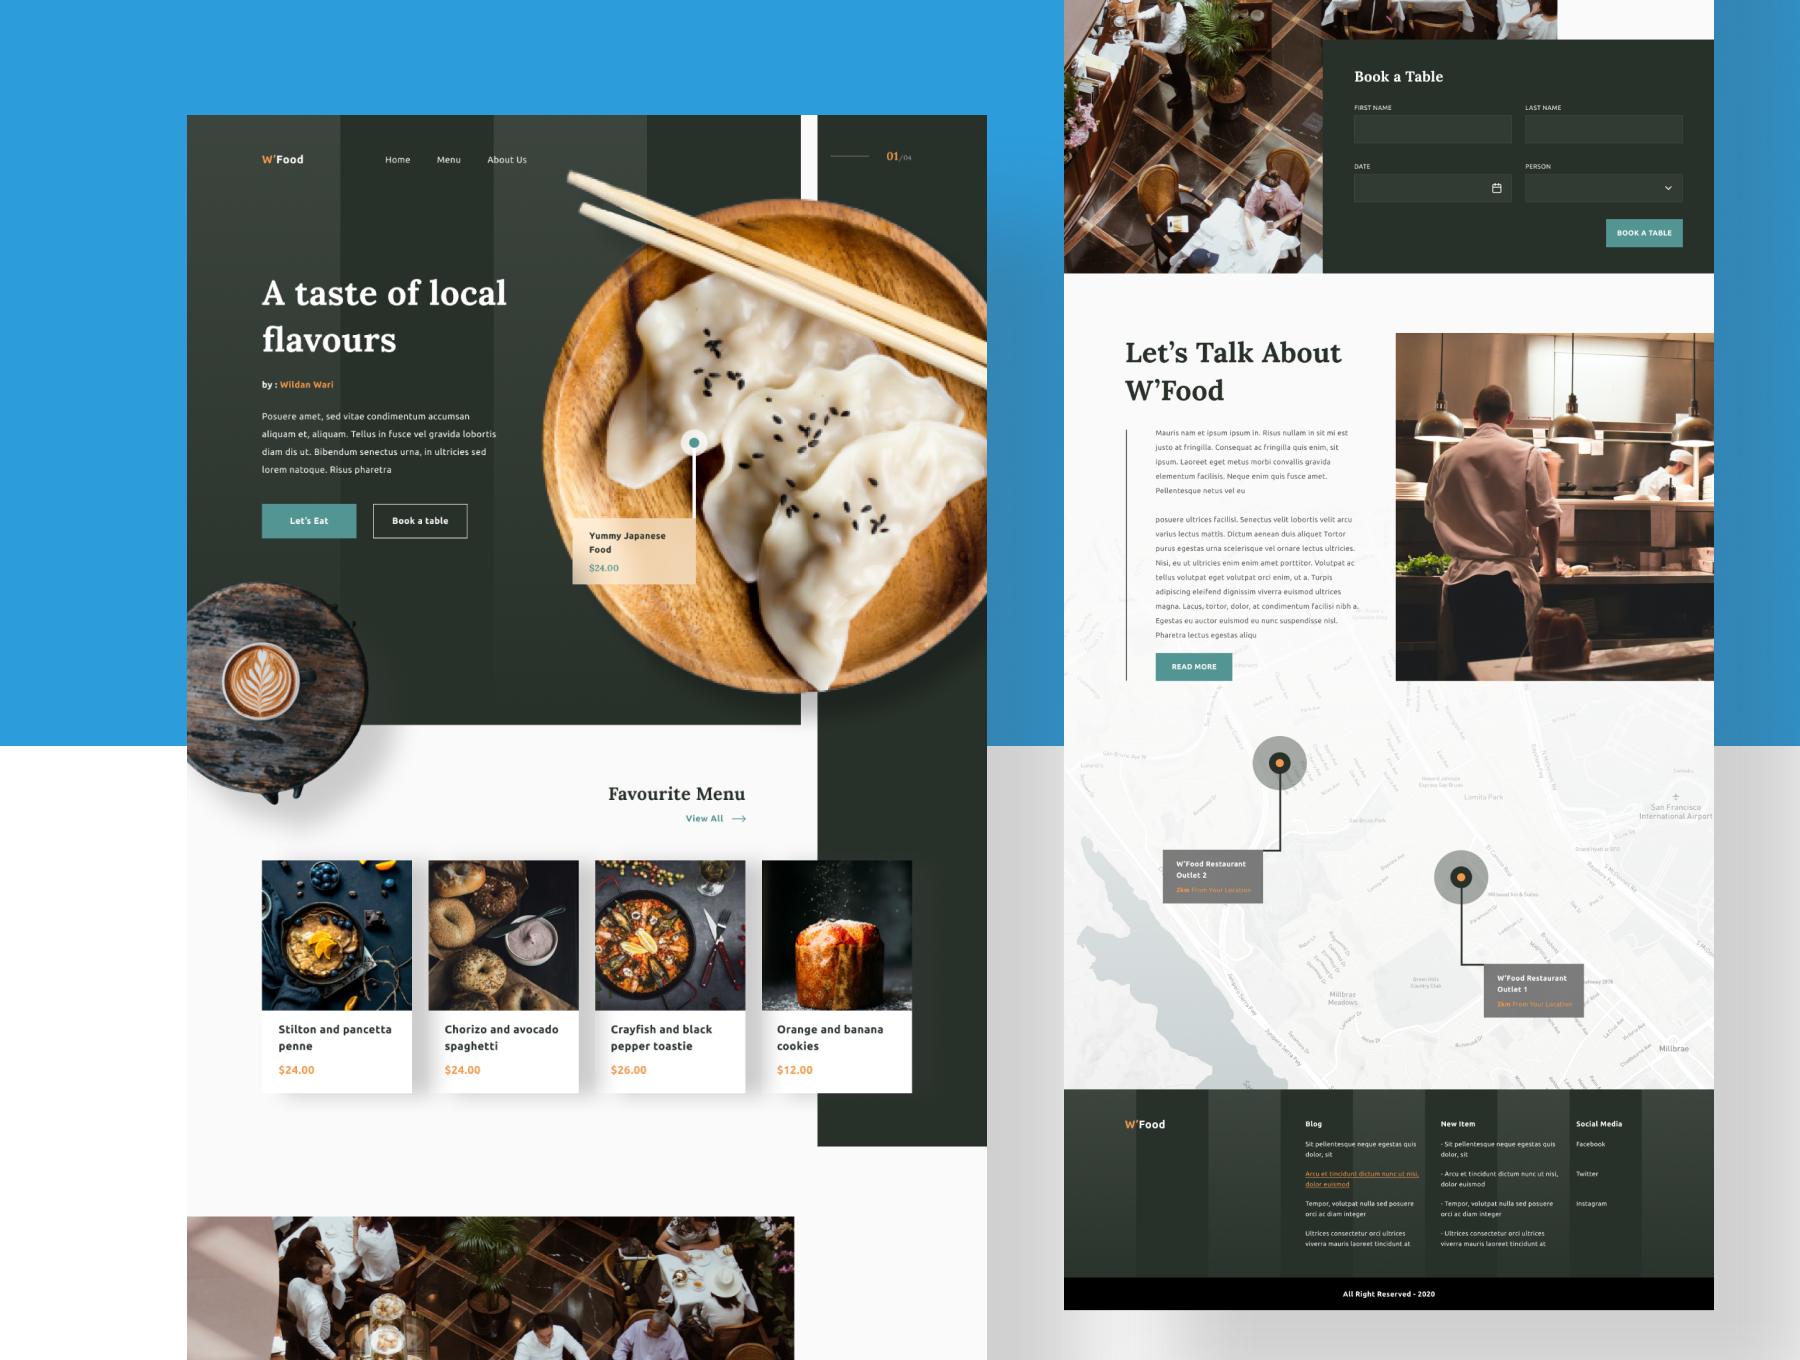 现代简约着陆页WEB界面设计UI套件素材 Wiloa 2.0 – Landing Page UI-Kit插图5